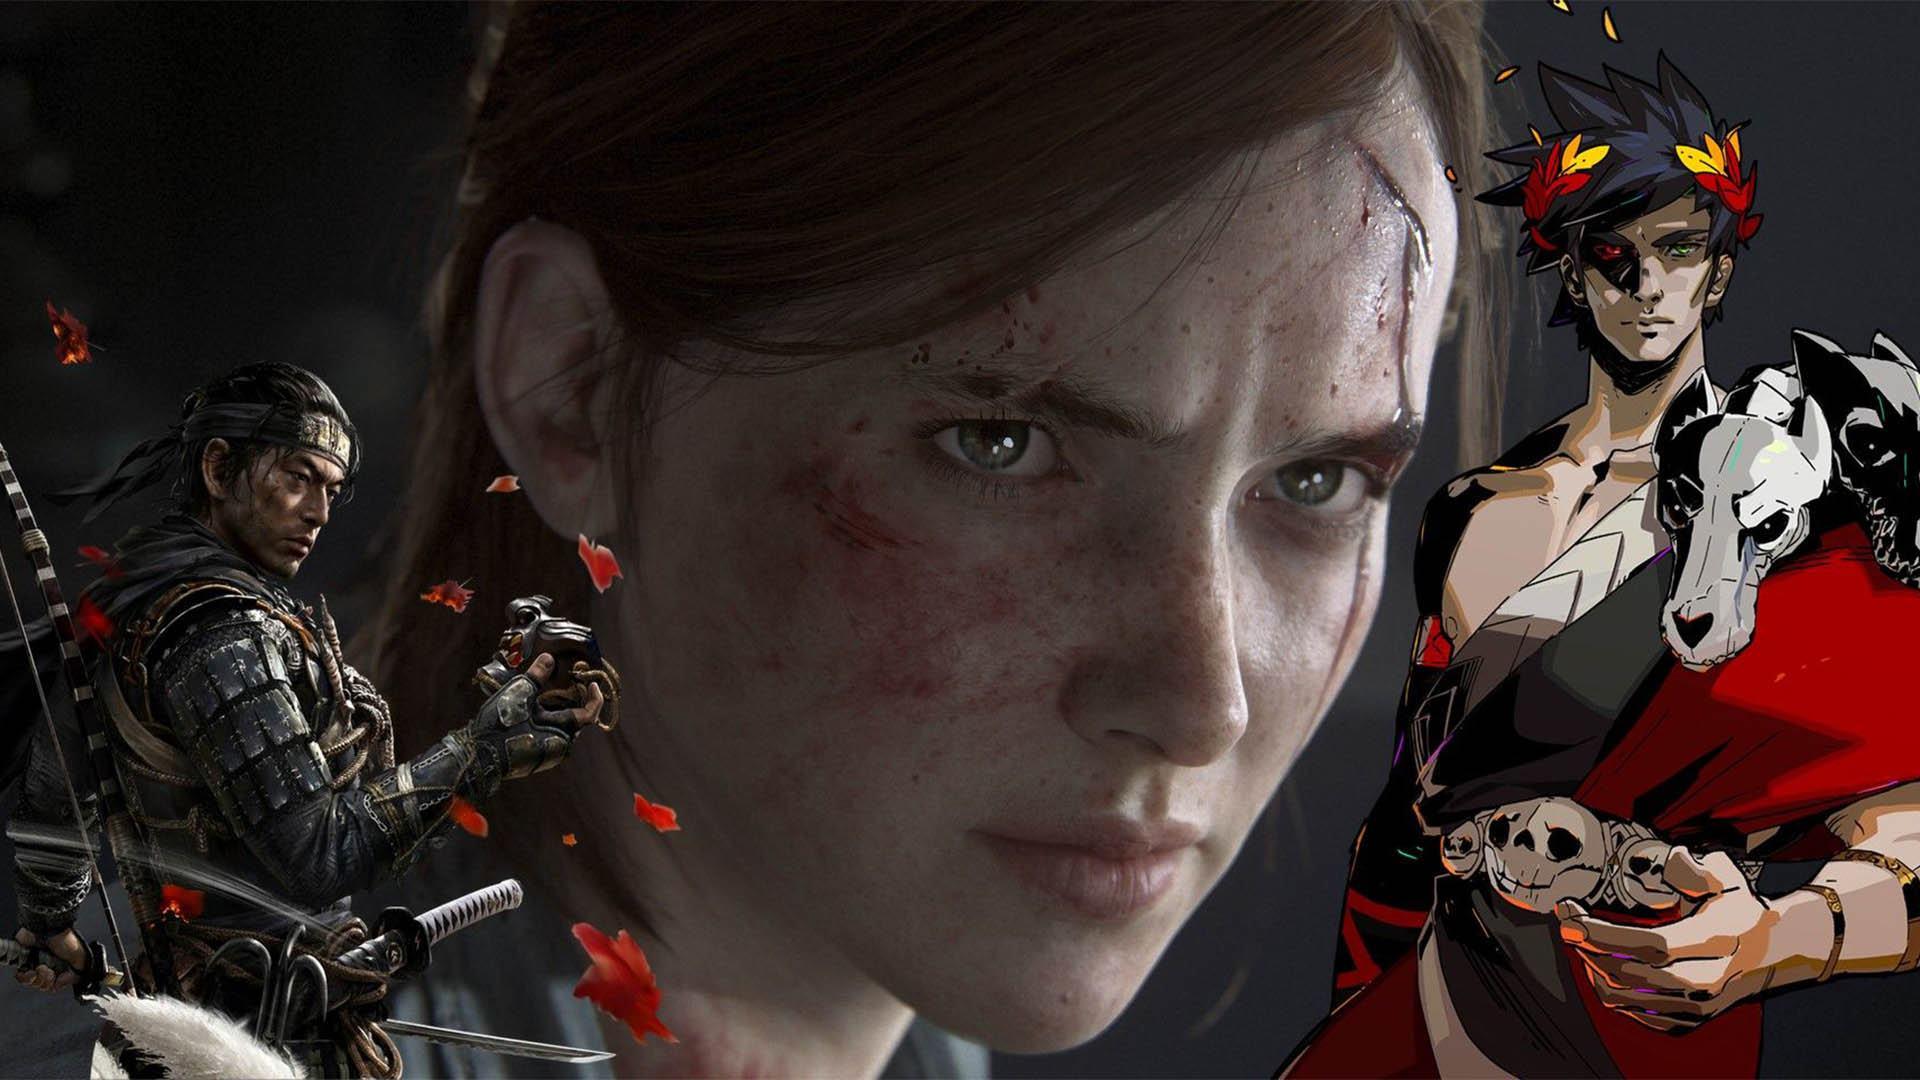 اعلام نامزدهای جوایز DICE سال ۲۰۲۱؛ پیشتازی بازی The Last of Us 2